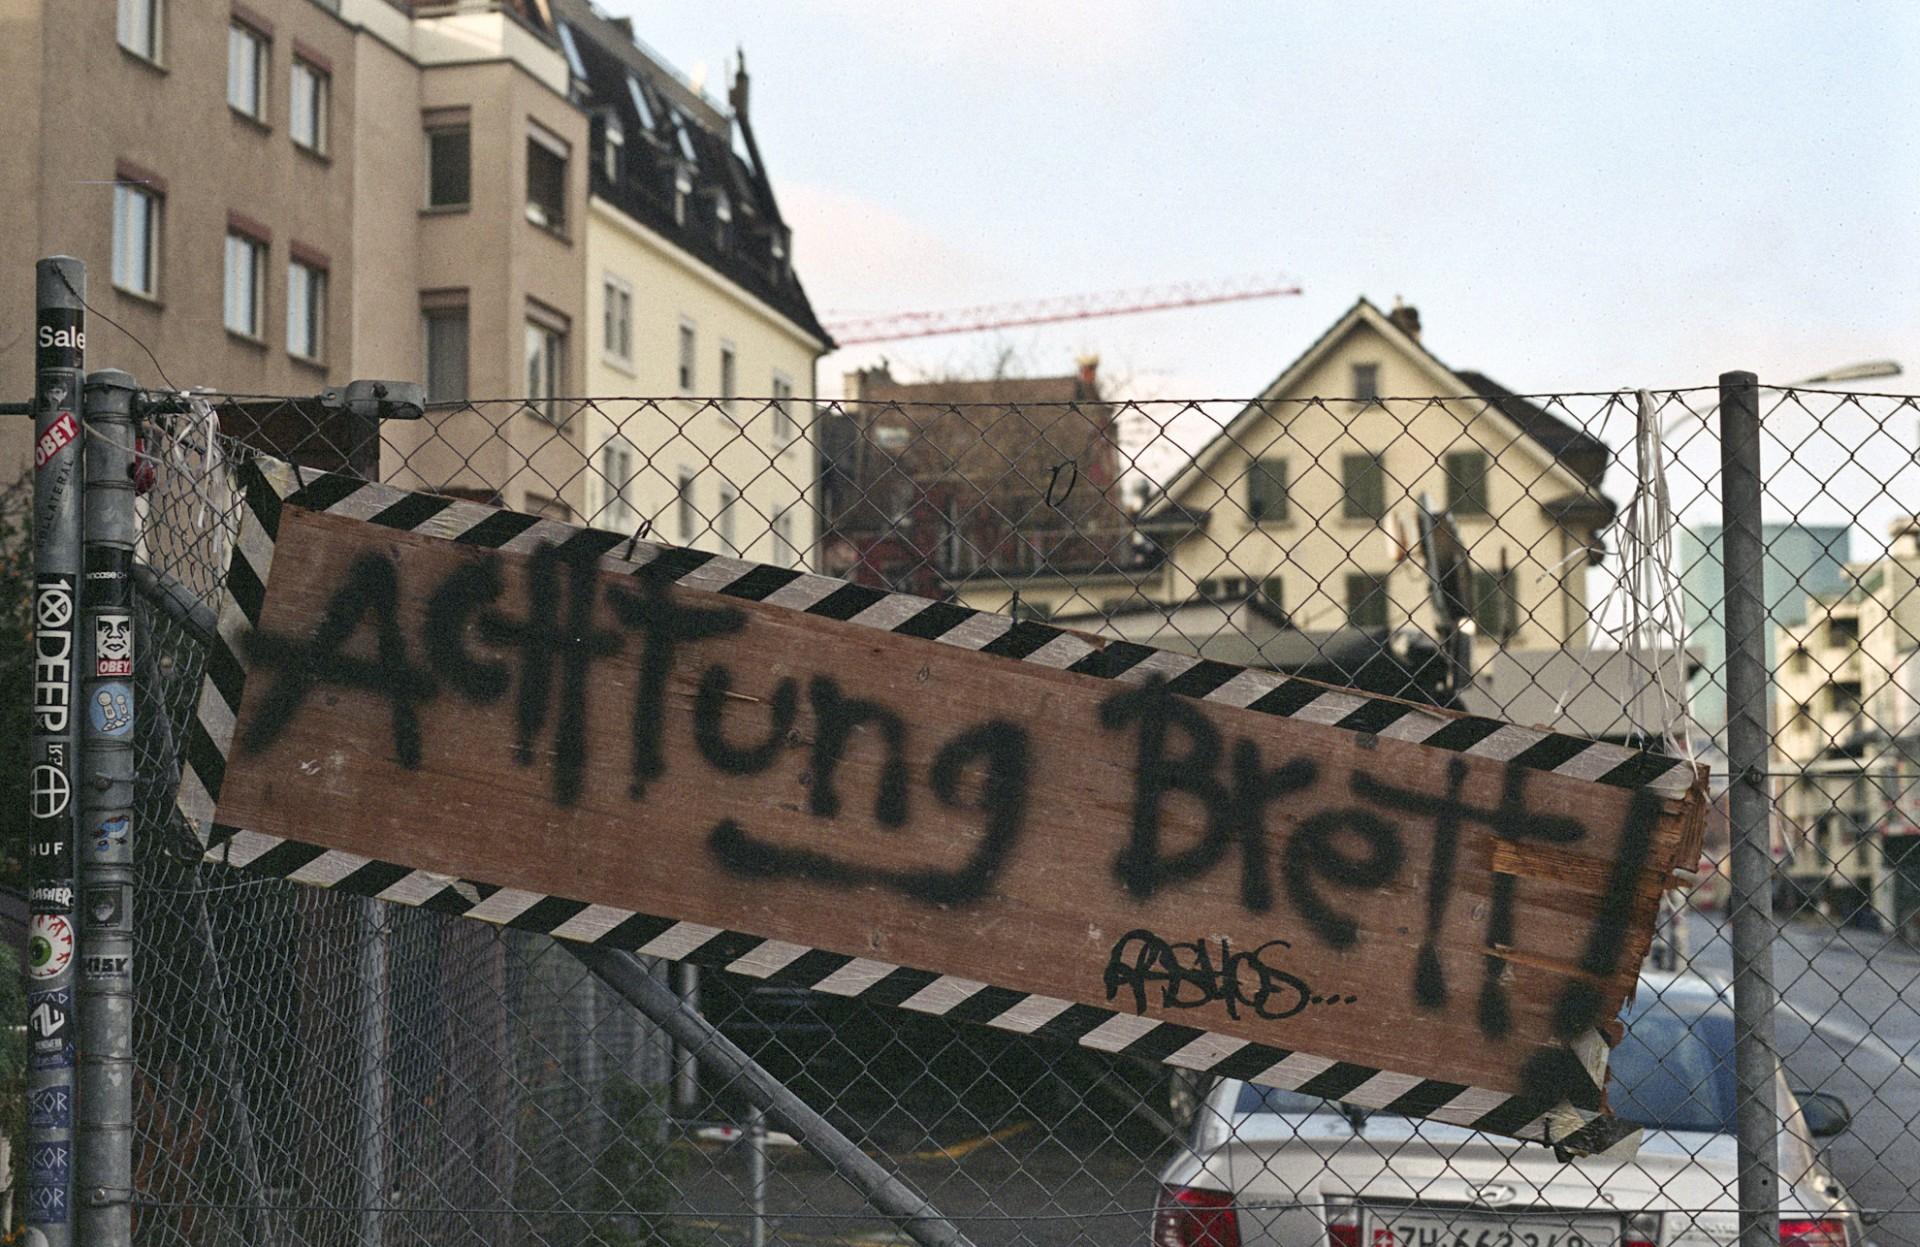 Zurich (analog)